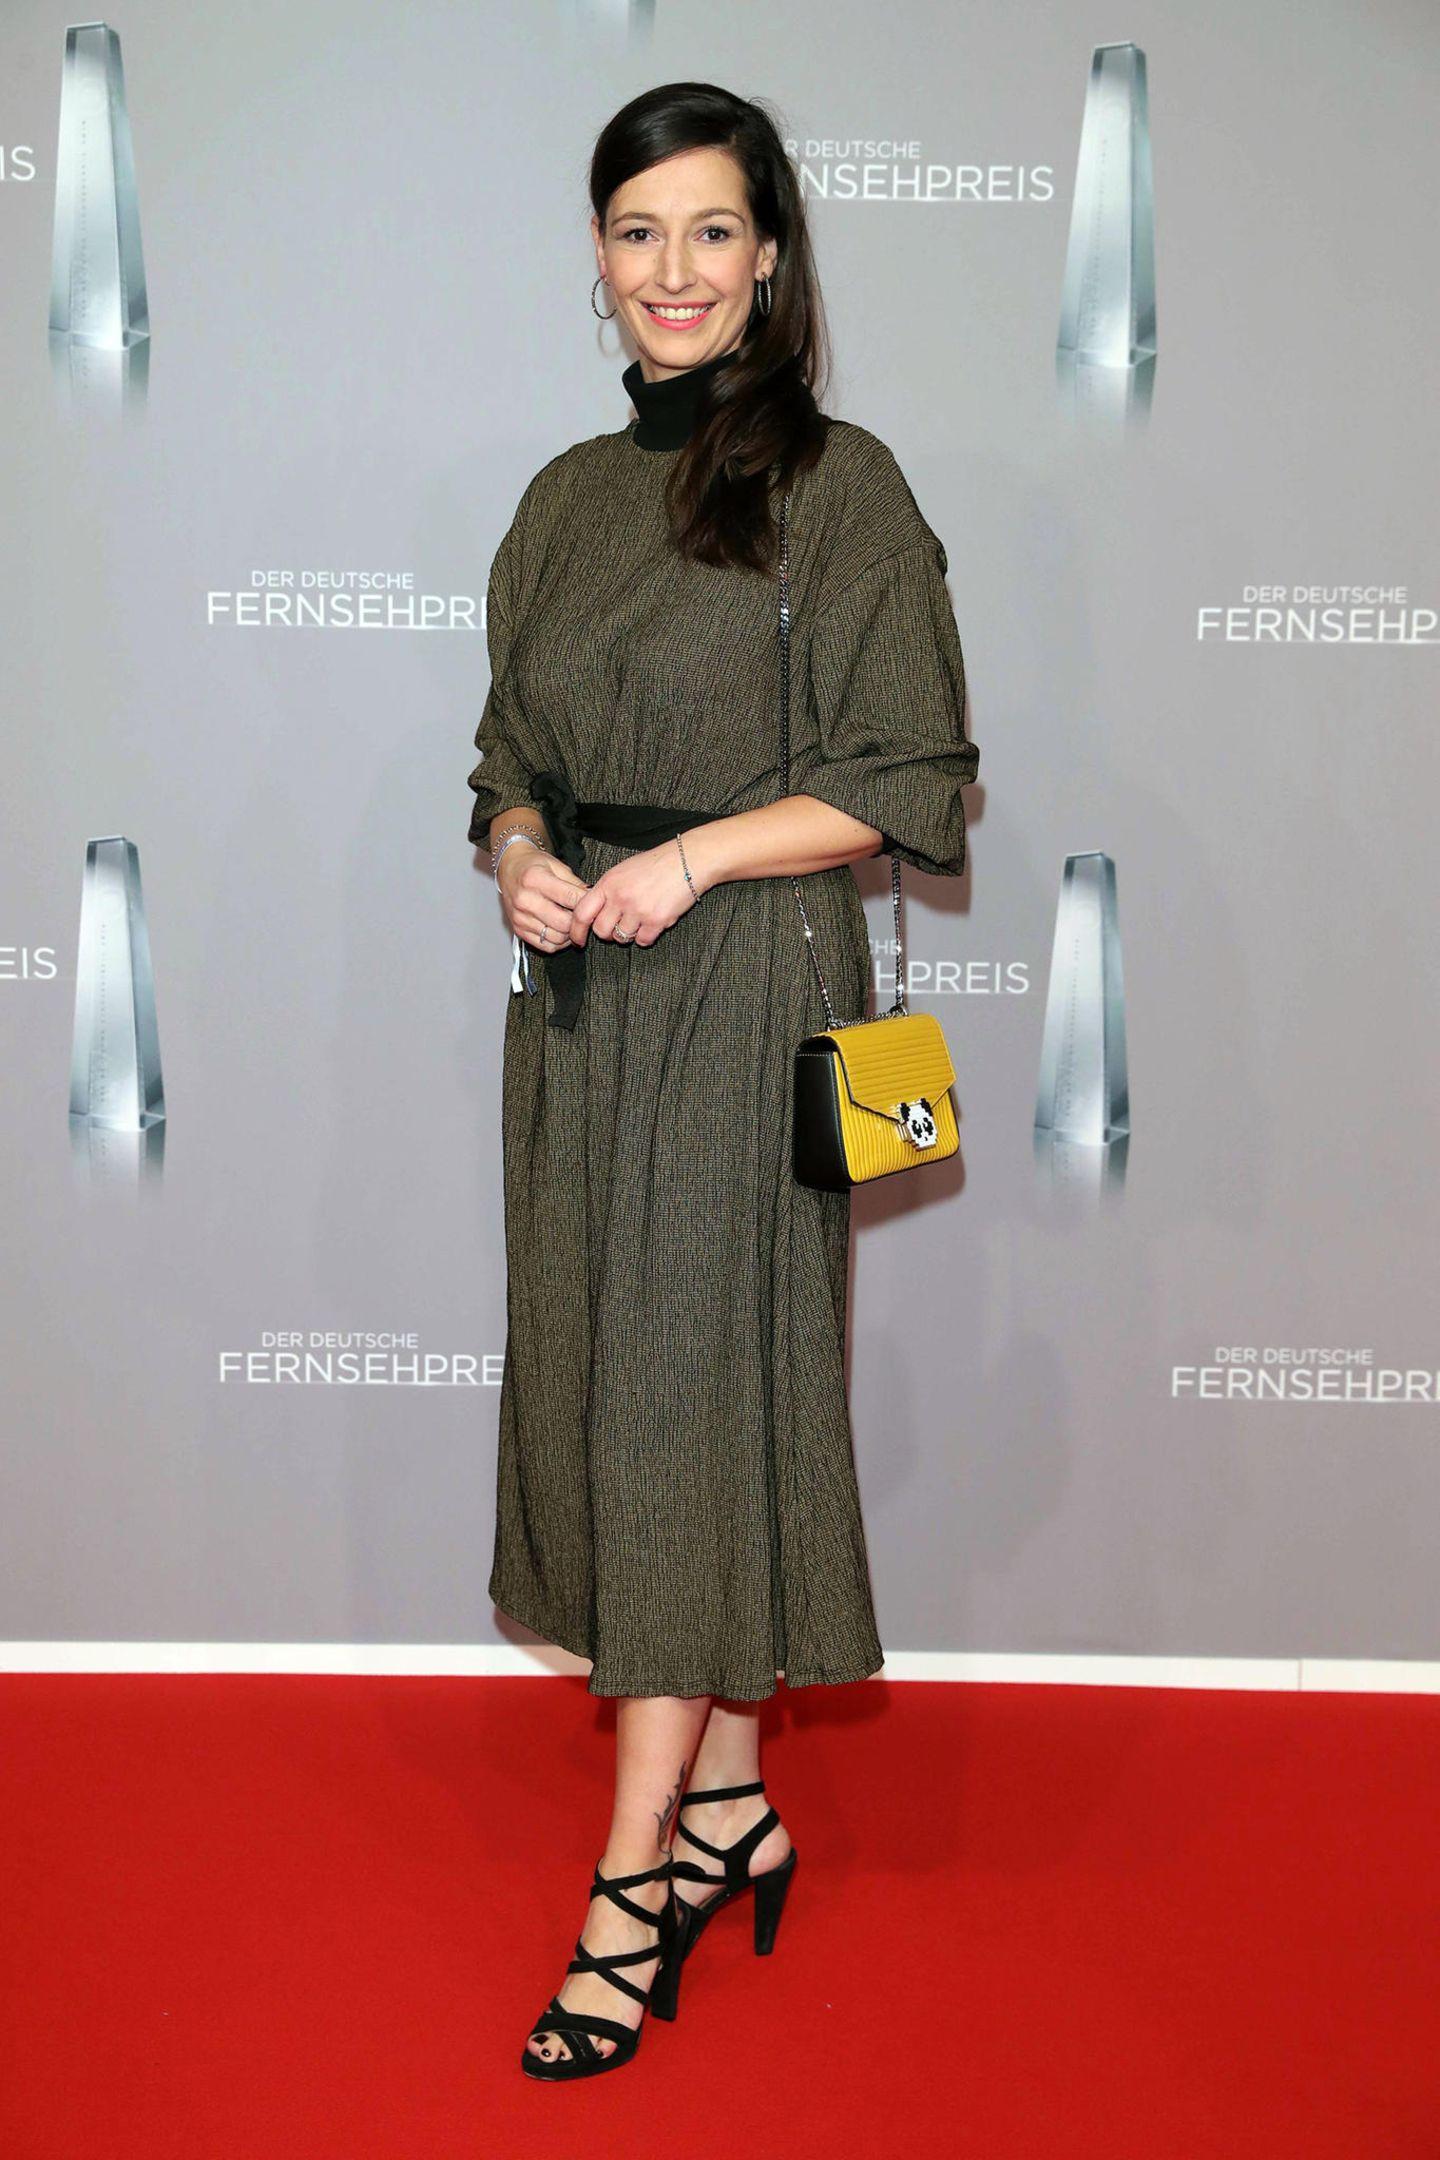 Moderatorin Pinar Atalay setzt mit ihrer gelben Handtasche zum khakifarbenen Dress einen kleinen farblichen Akzent.